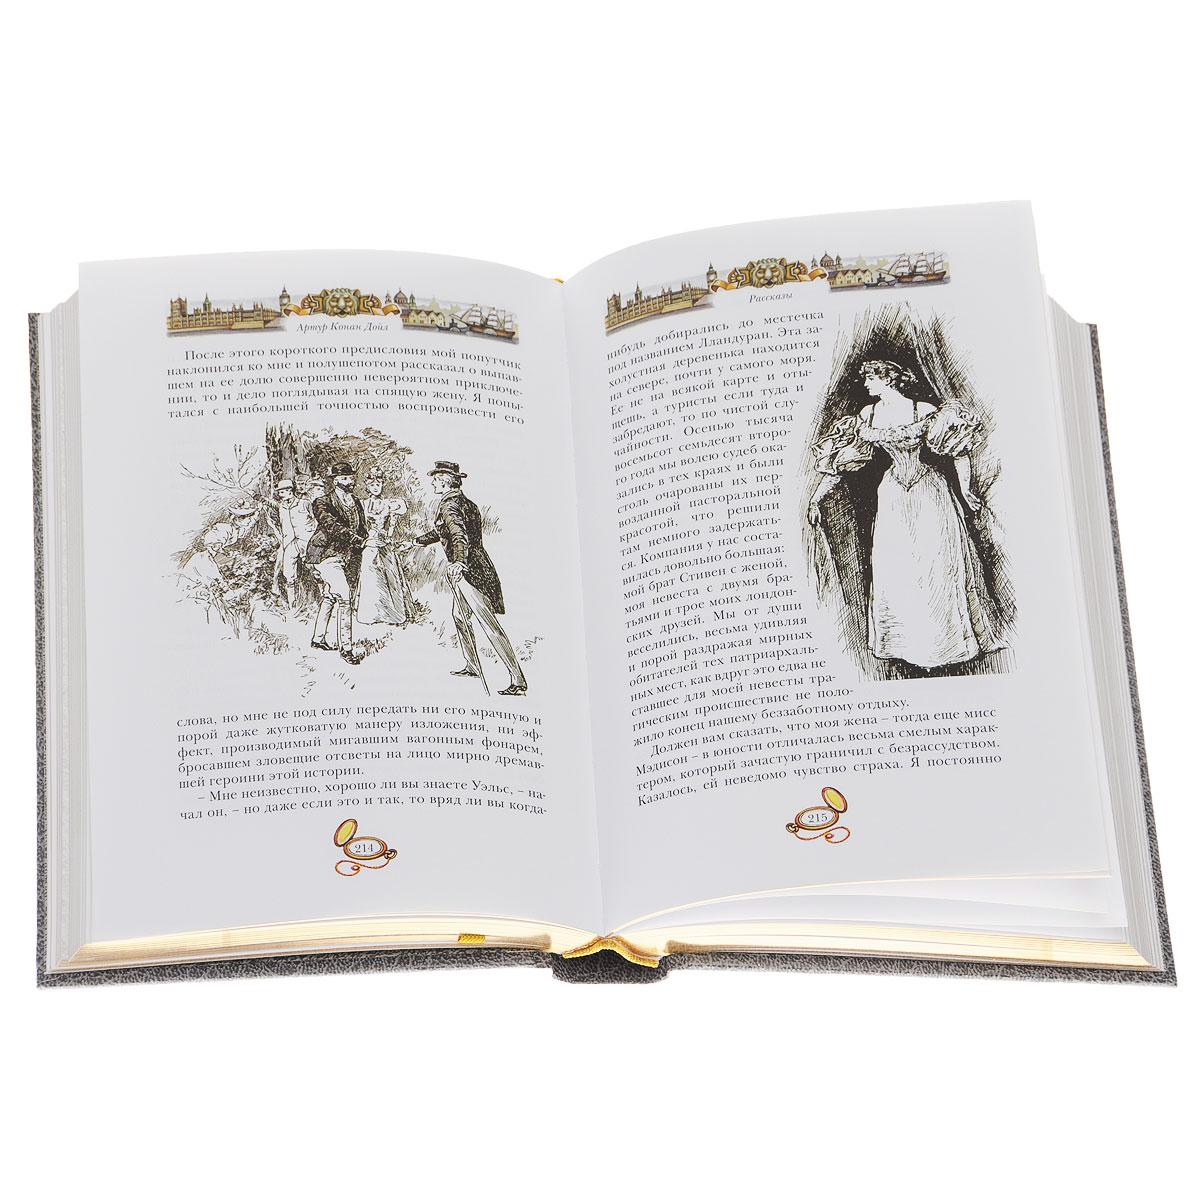 Артур Конан Дойл. Избранные сочинения. Падение лорда Бэрримора (подарочное издание)